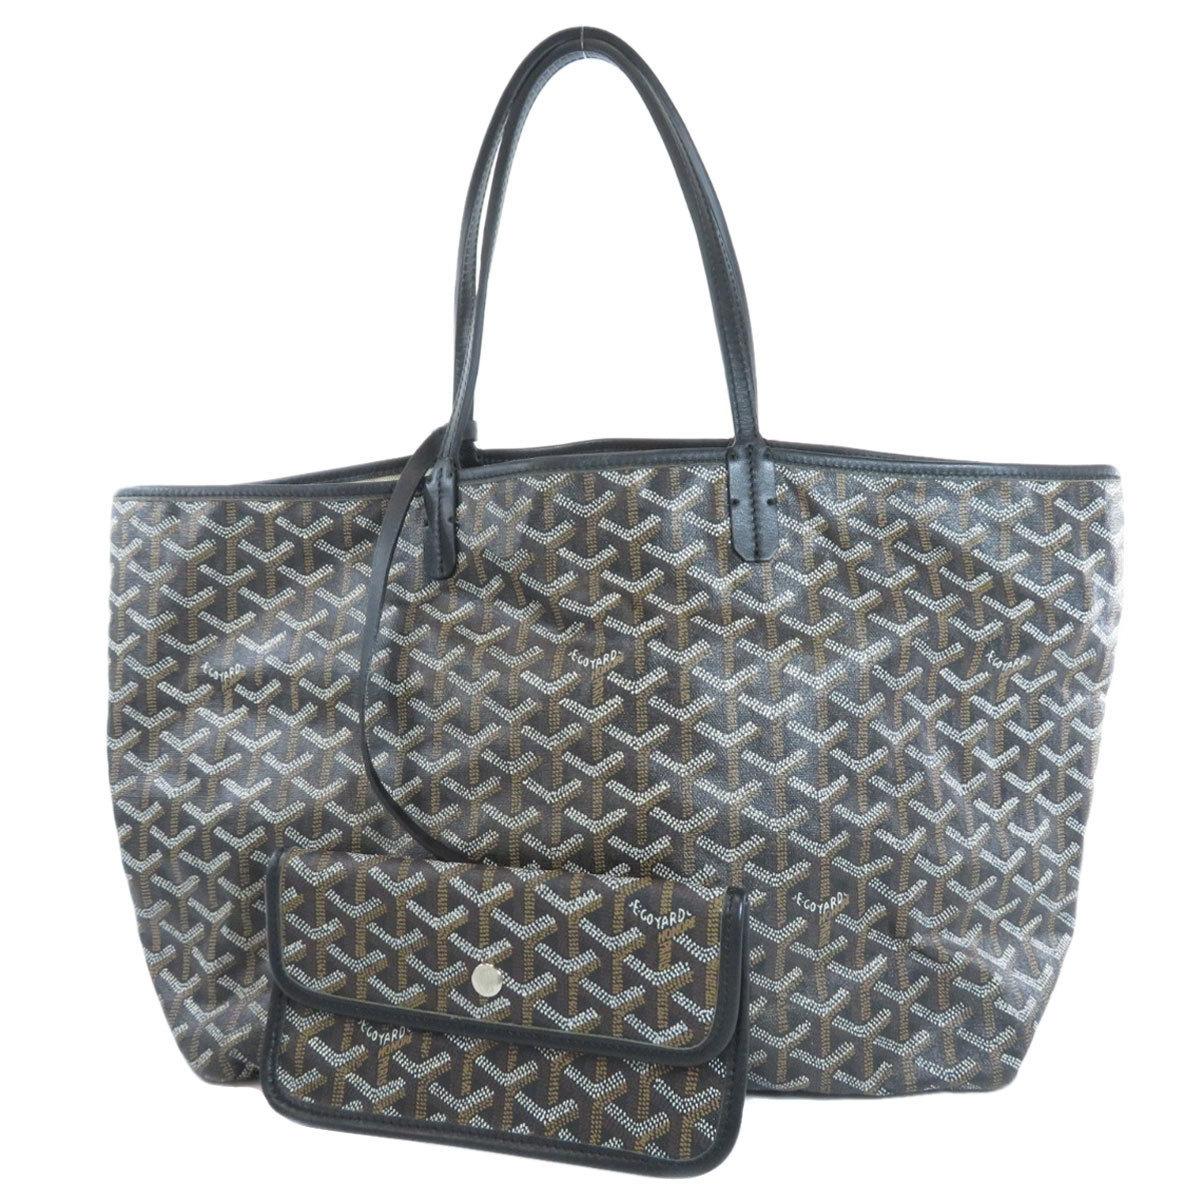 Goyard Saint Louis PM Tote Bag PVC Ladies